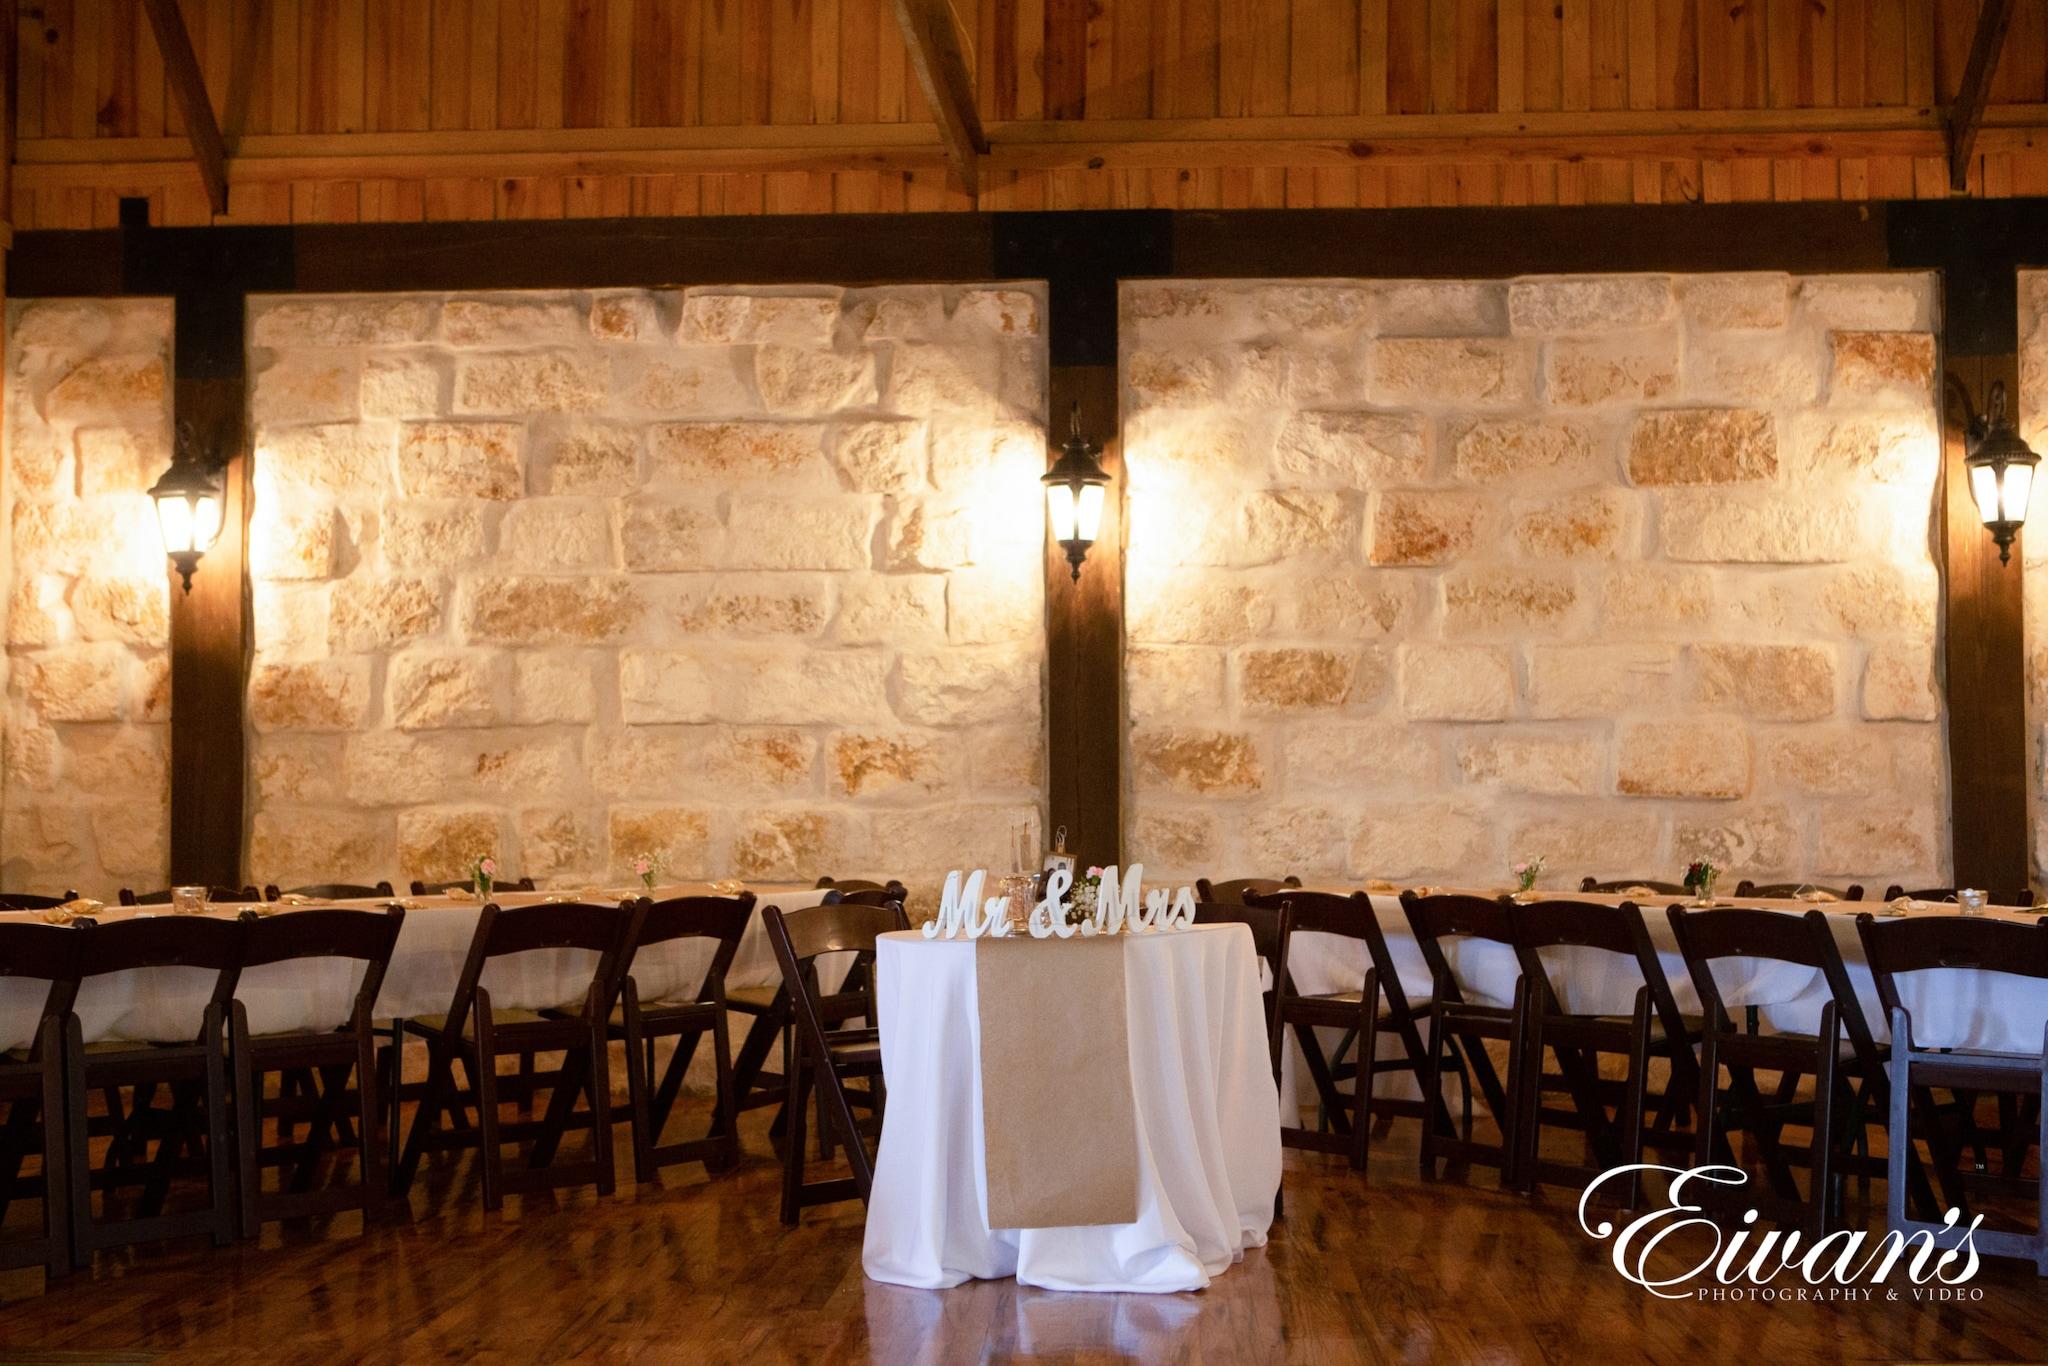 image of an indoor wedding venue